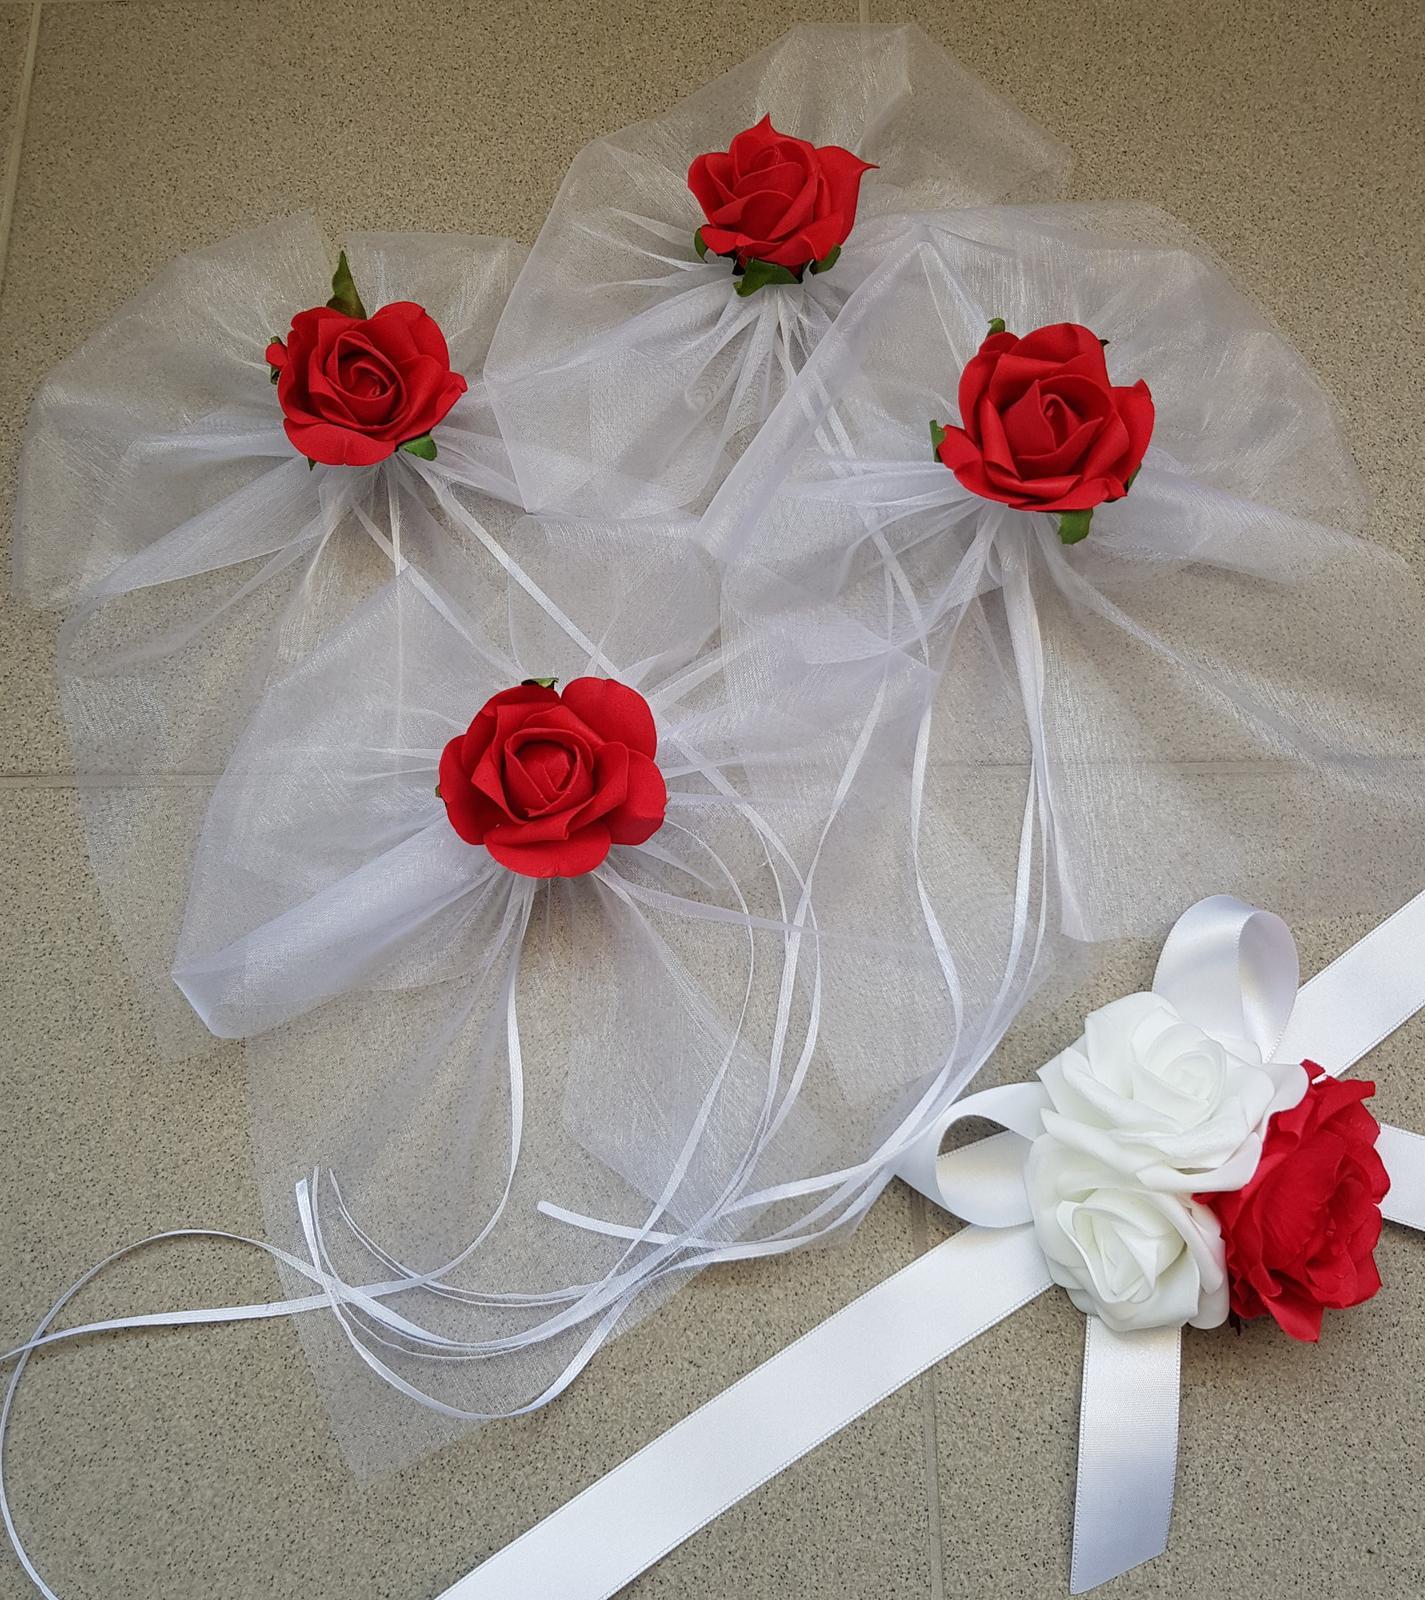 Srdce na kapotu bílá a červená - Obrázek č. 2